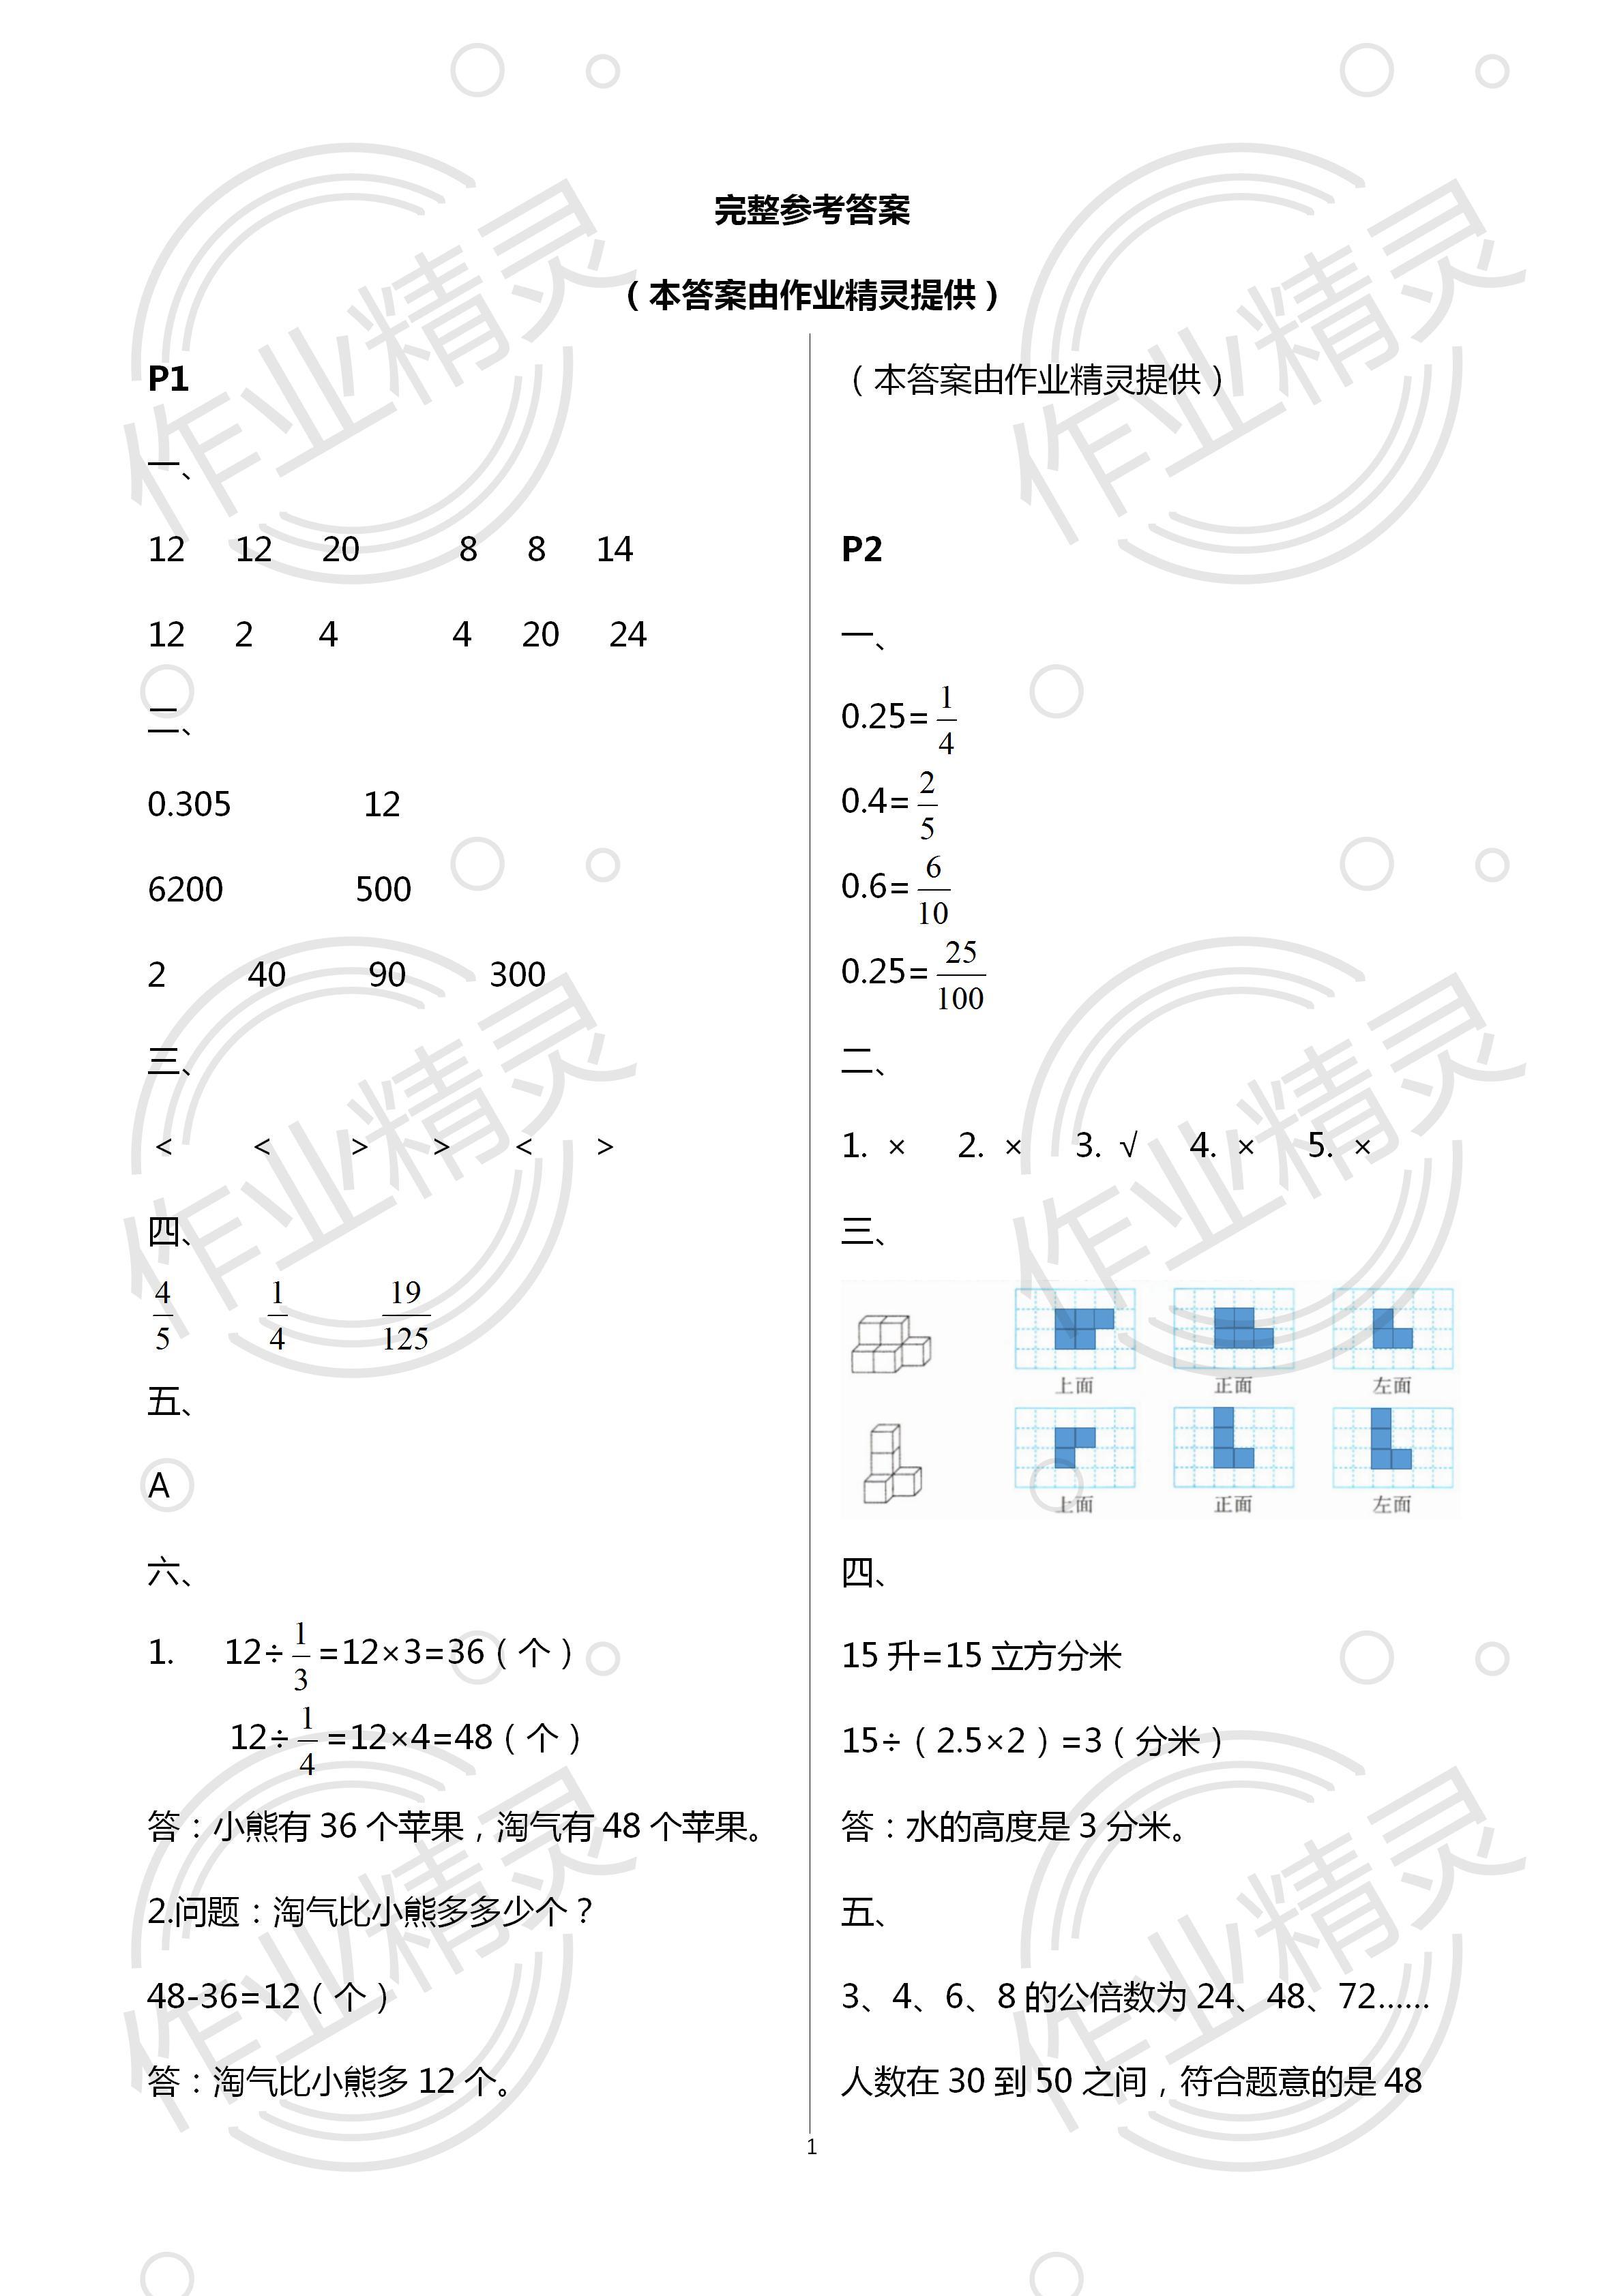 2020年暑假作业及活动新疆文化出版社五年级数学暑假作业人教版第1页